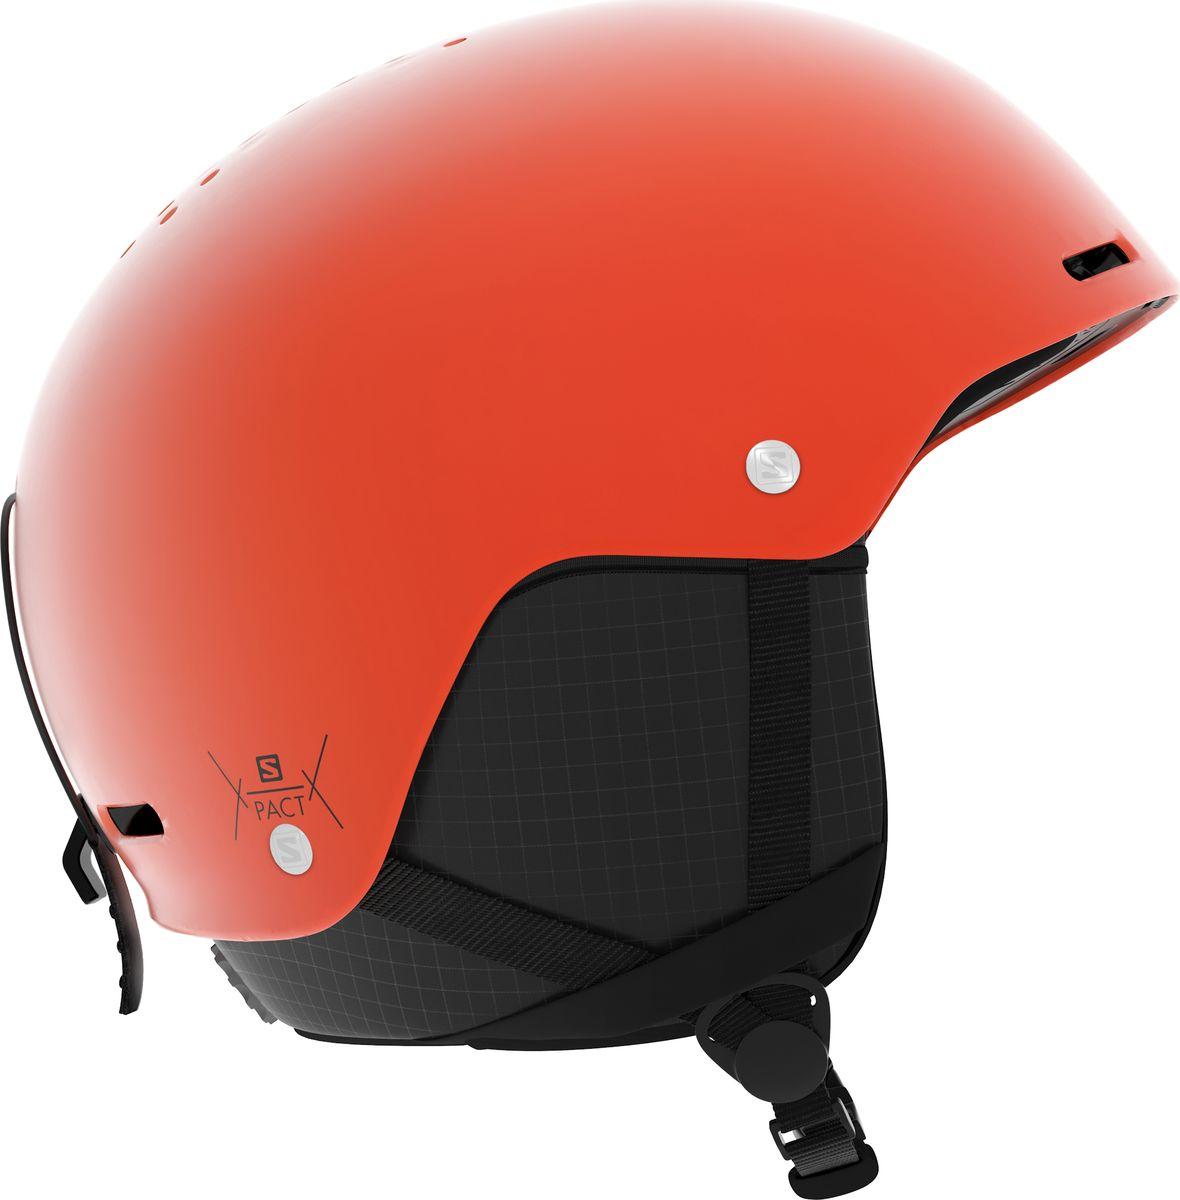 Шлем горнолыжный Salomon Pact, цвет: оранжевый. Размер XS (49-53)